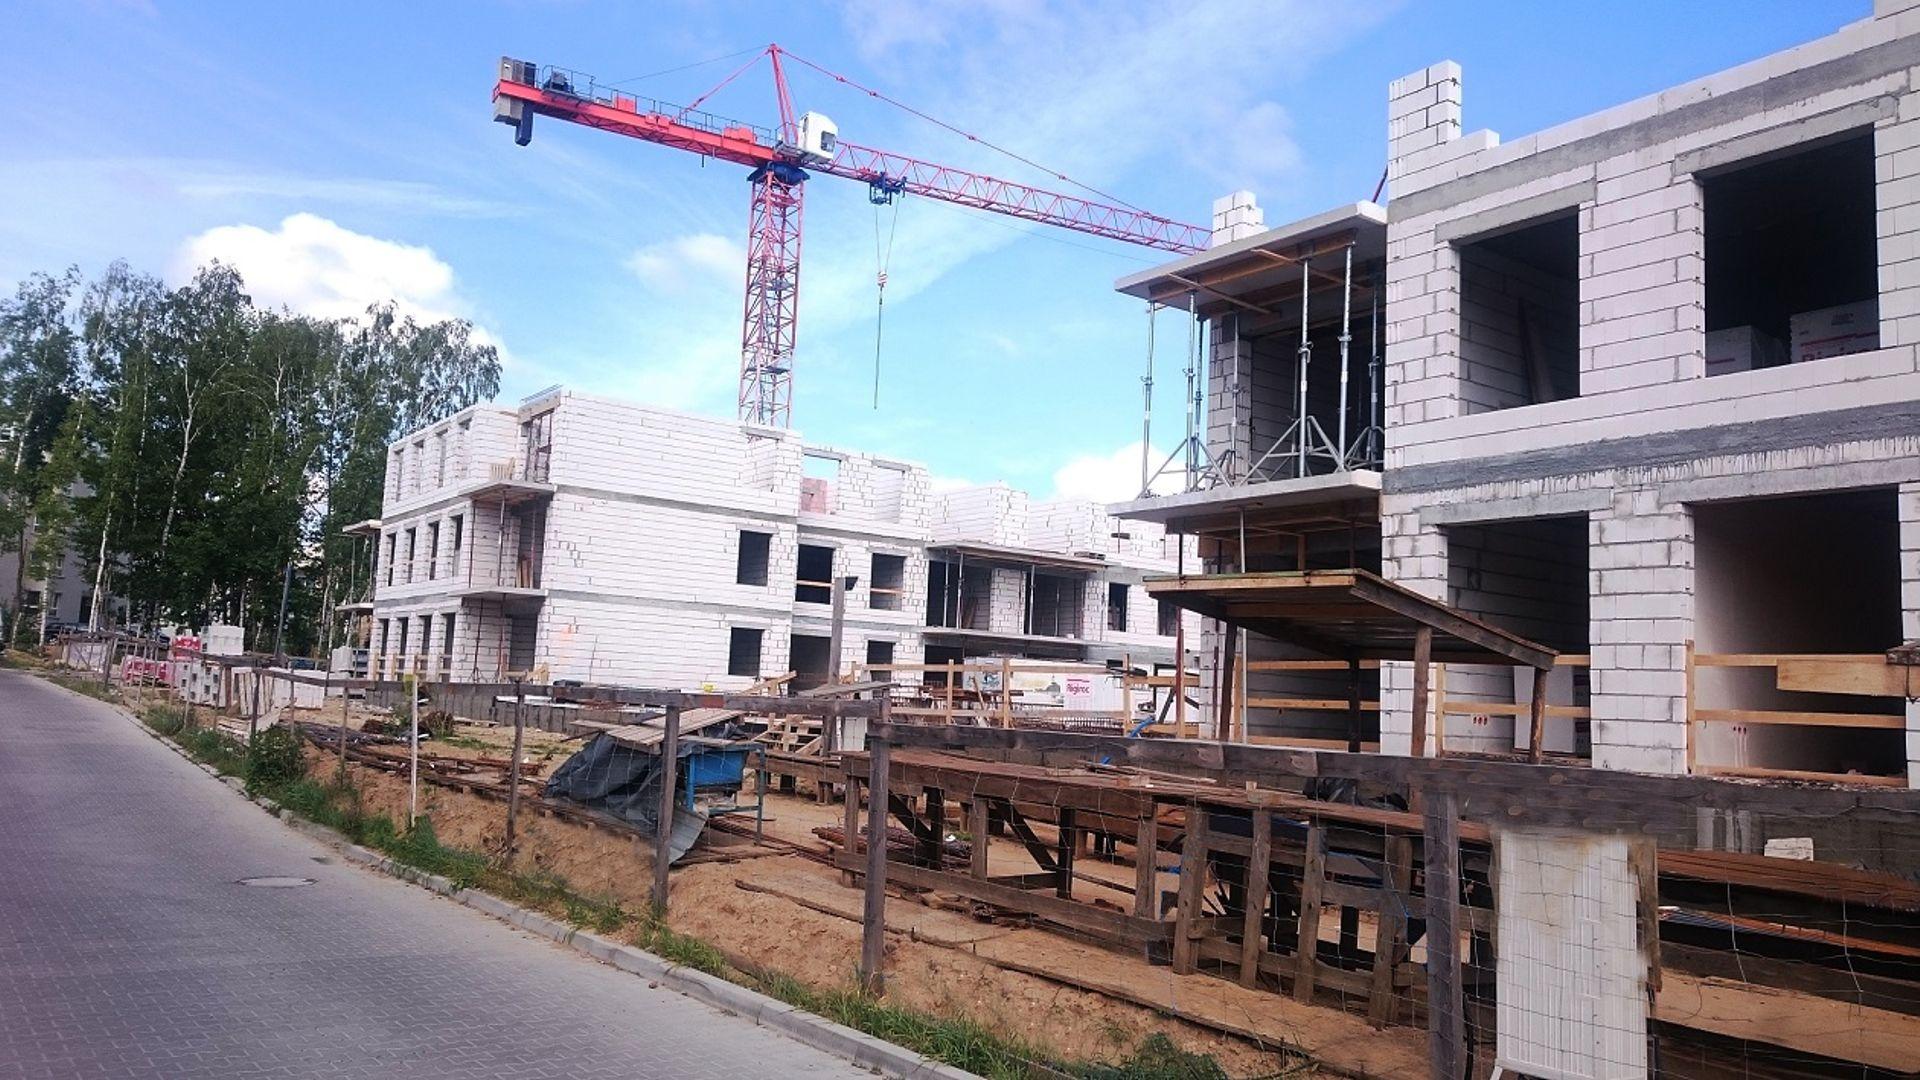 [Zielona Góra] Budowa Green Home – Kontynuacja w Zielonej Górze postępuje